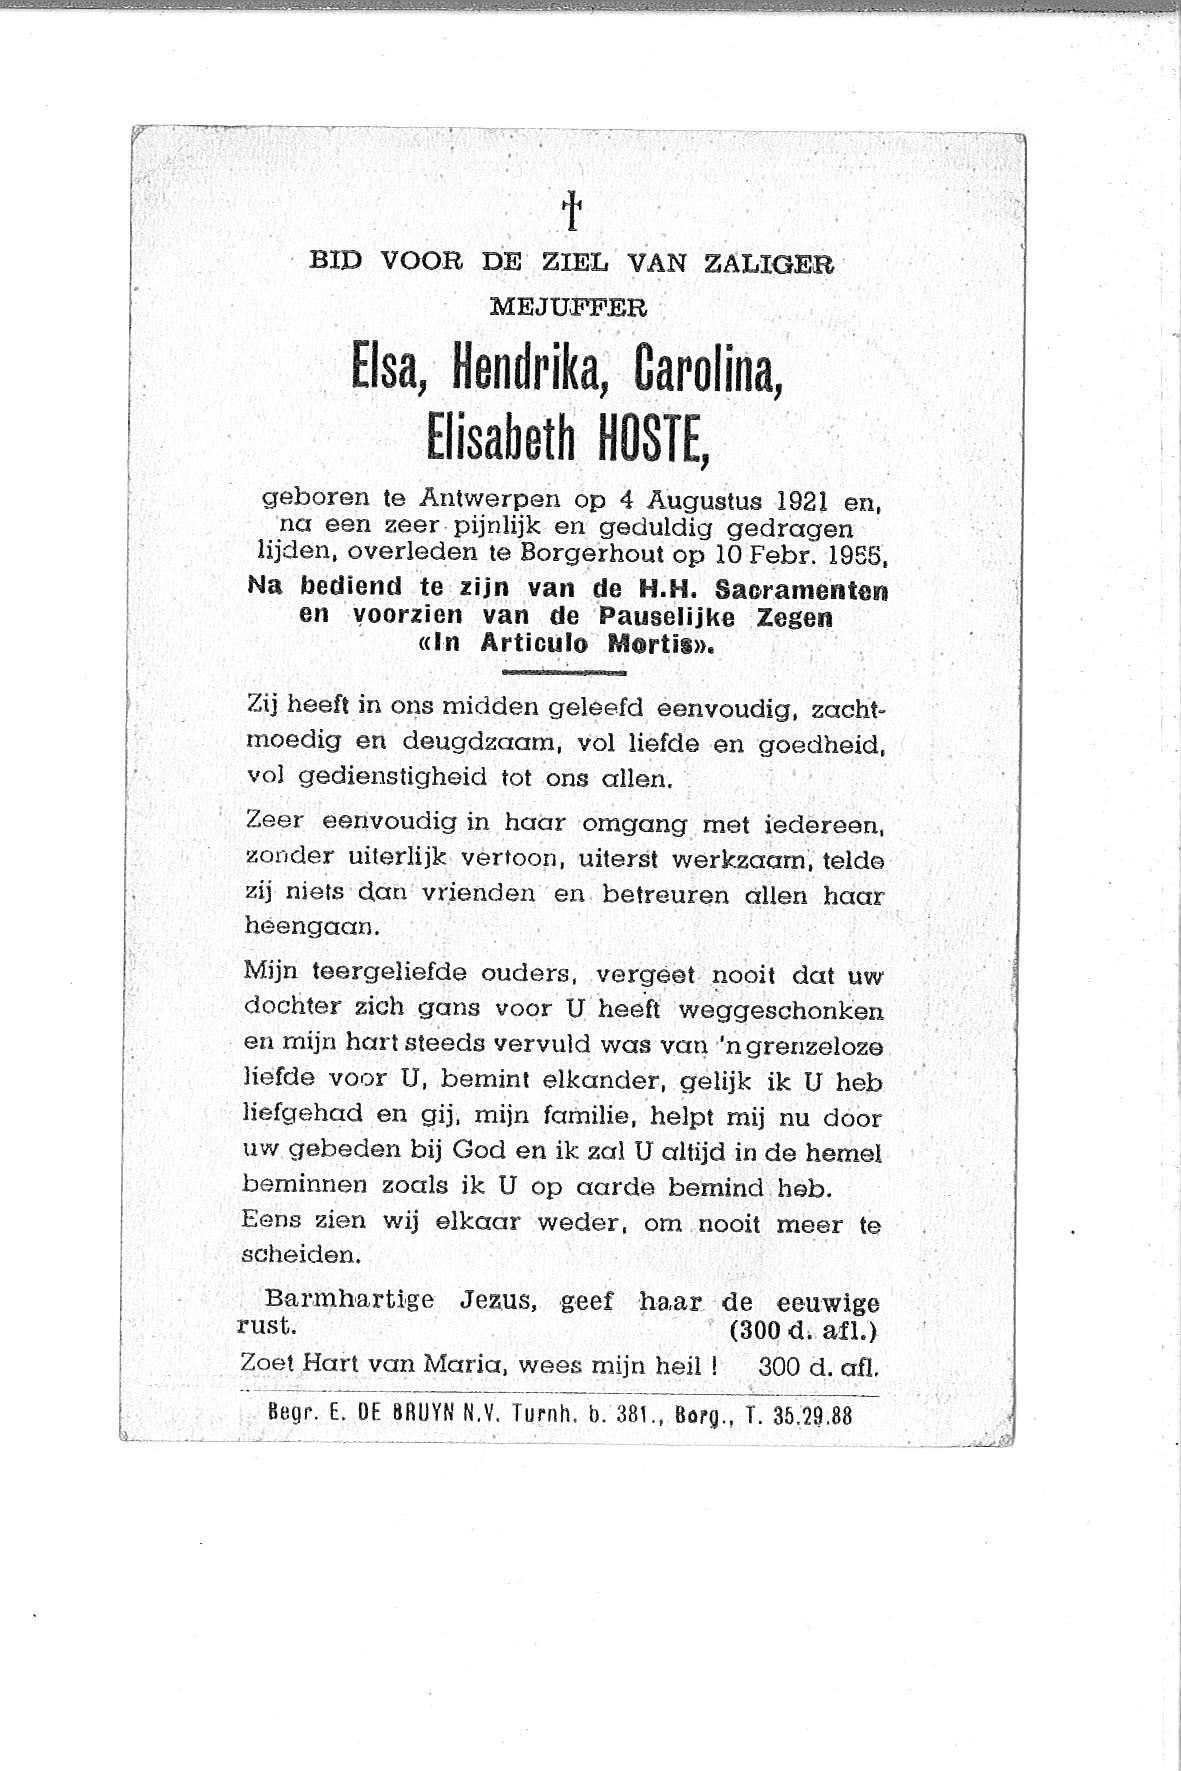 Elsa-Hendrika-Carolina-Elisabeth(1955)20120530122914_00069.jpg